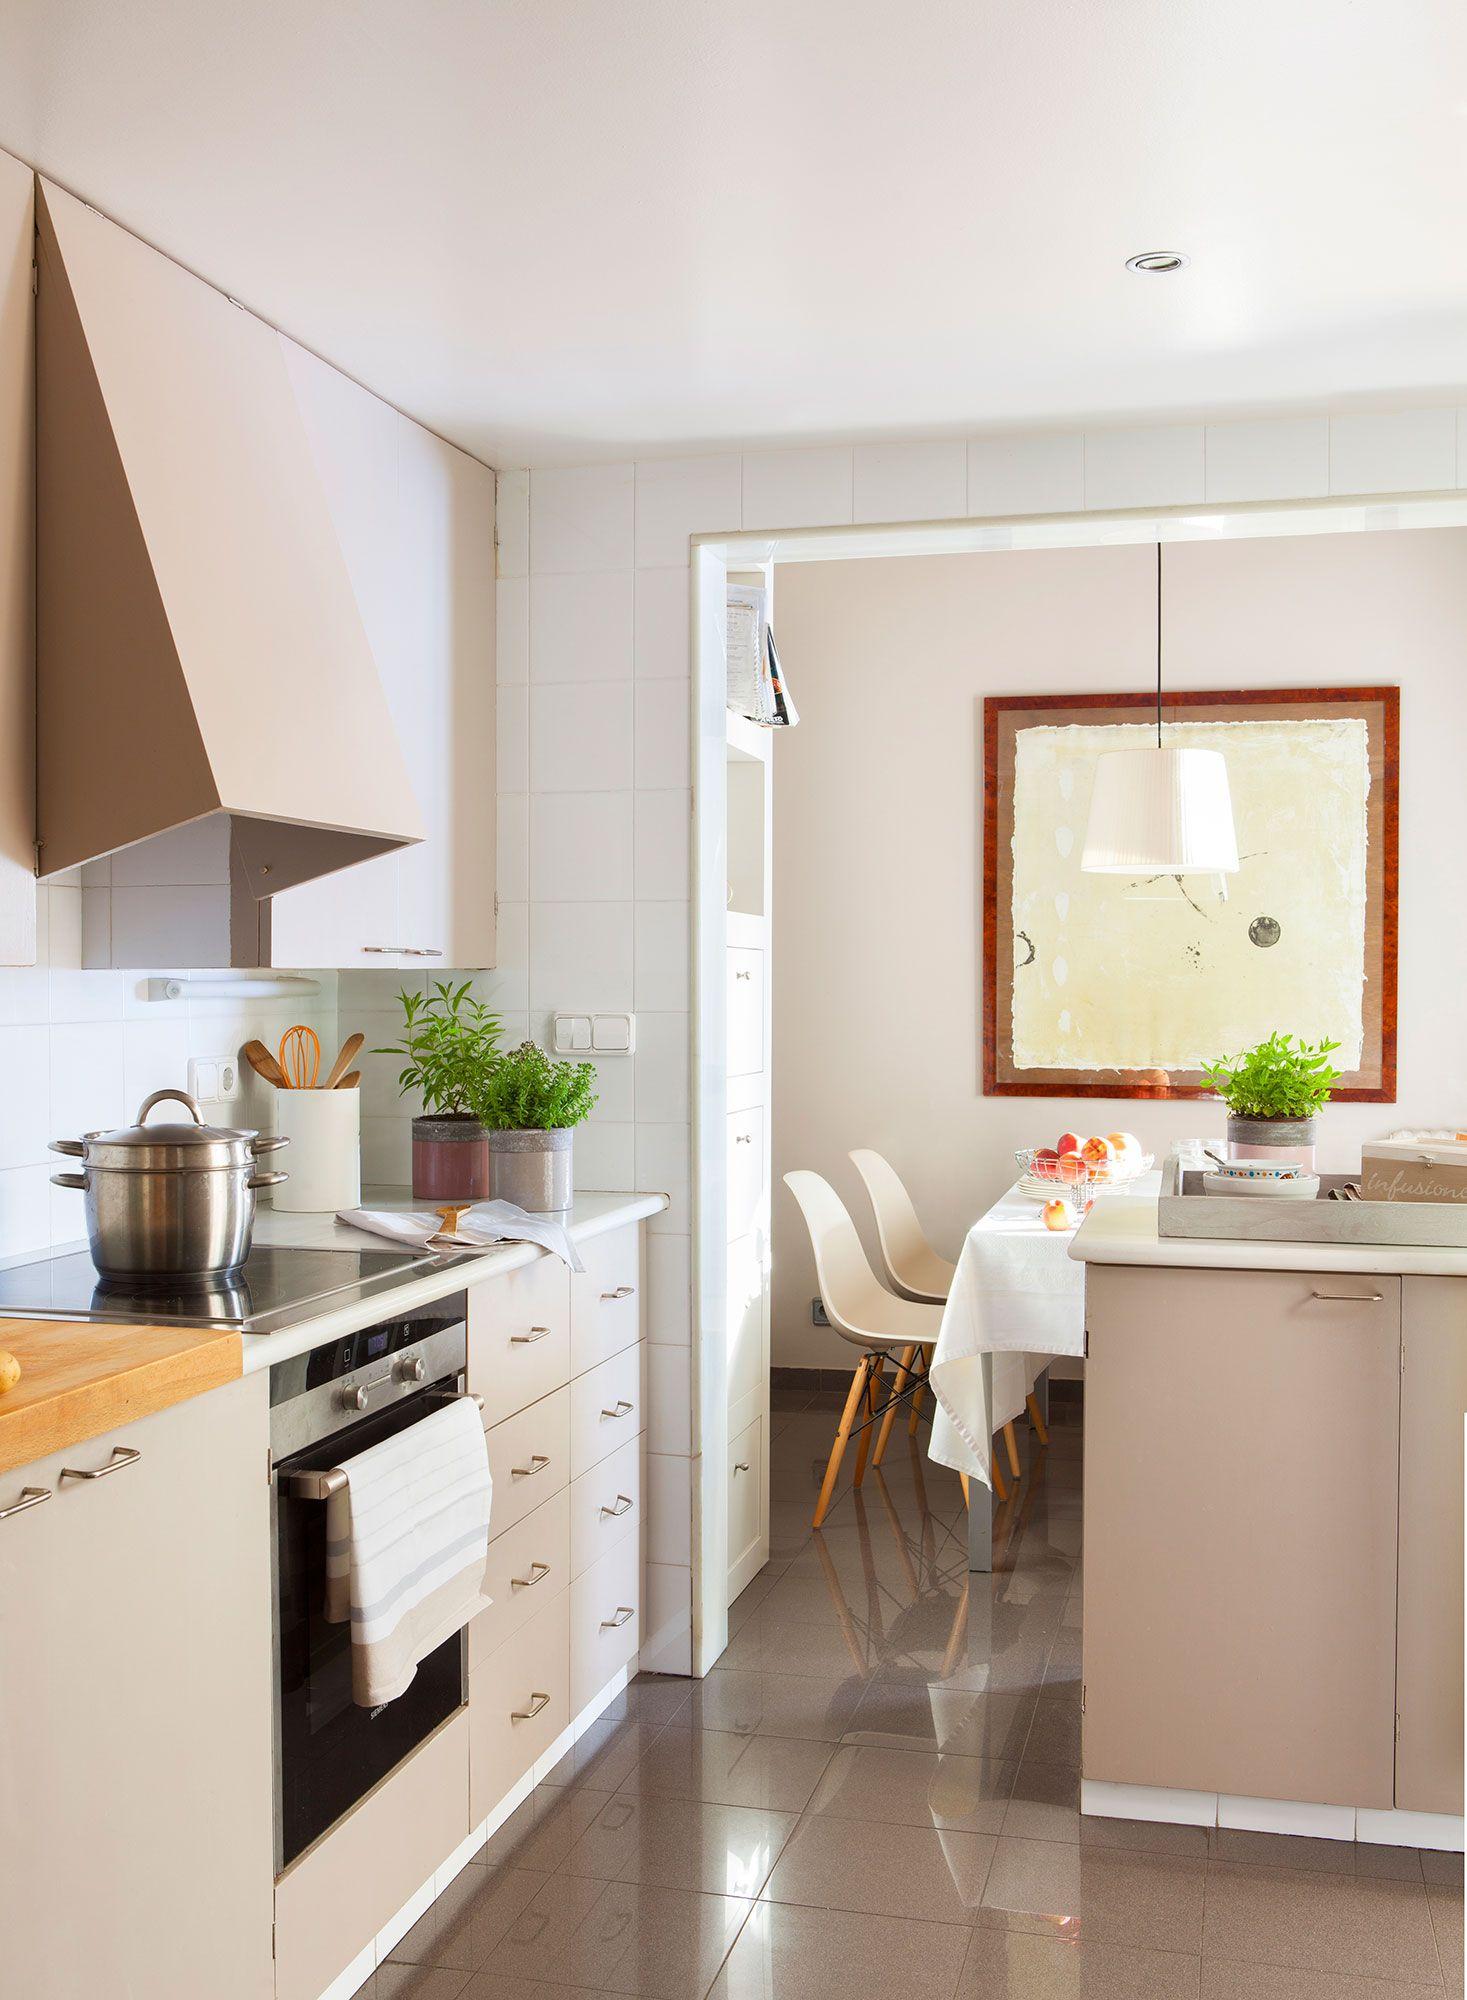 Renovar la cocina sin obras 10 reformas low cost - Pintar baldosas cocina ...